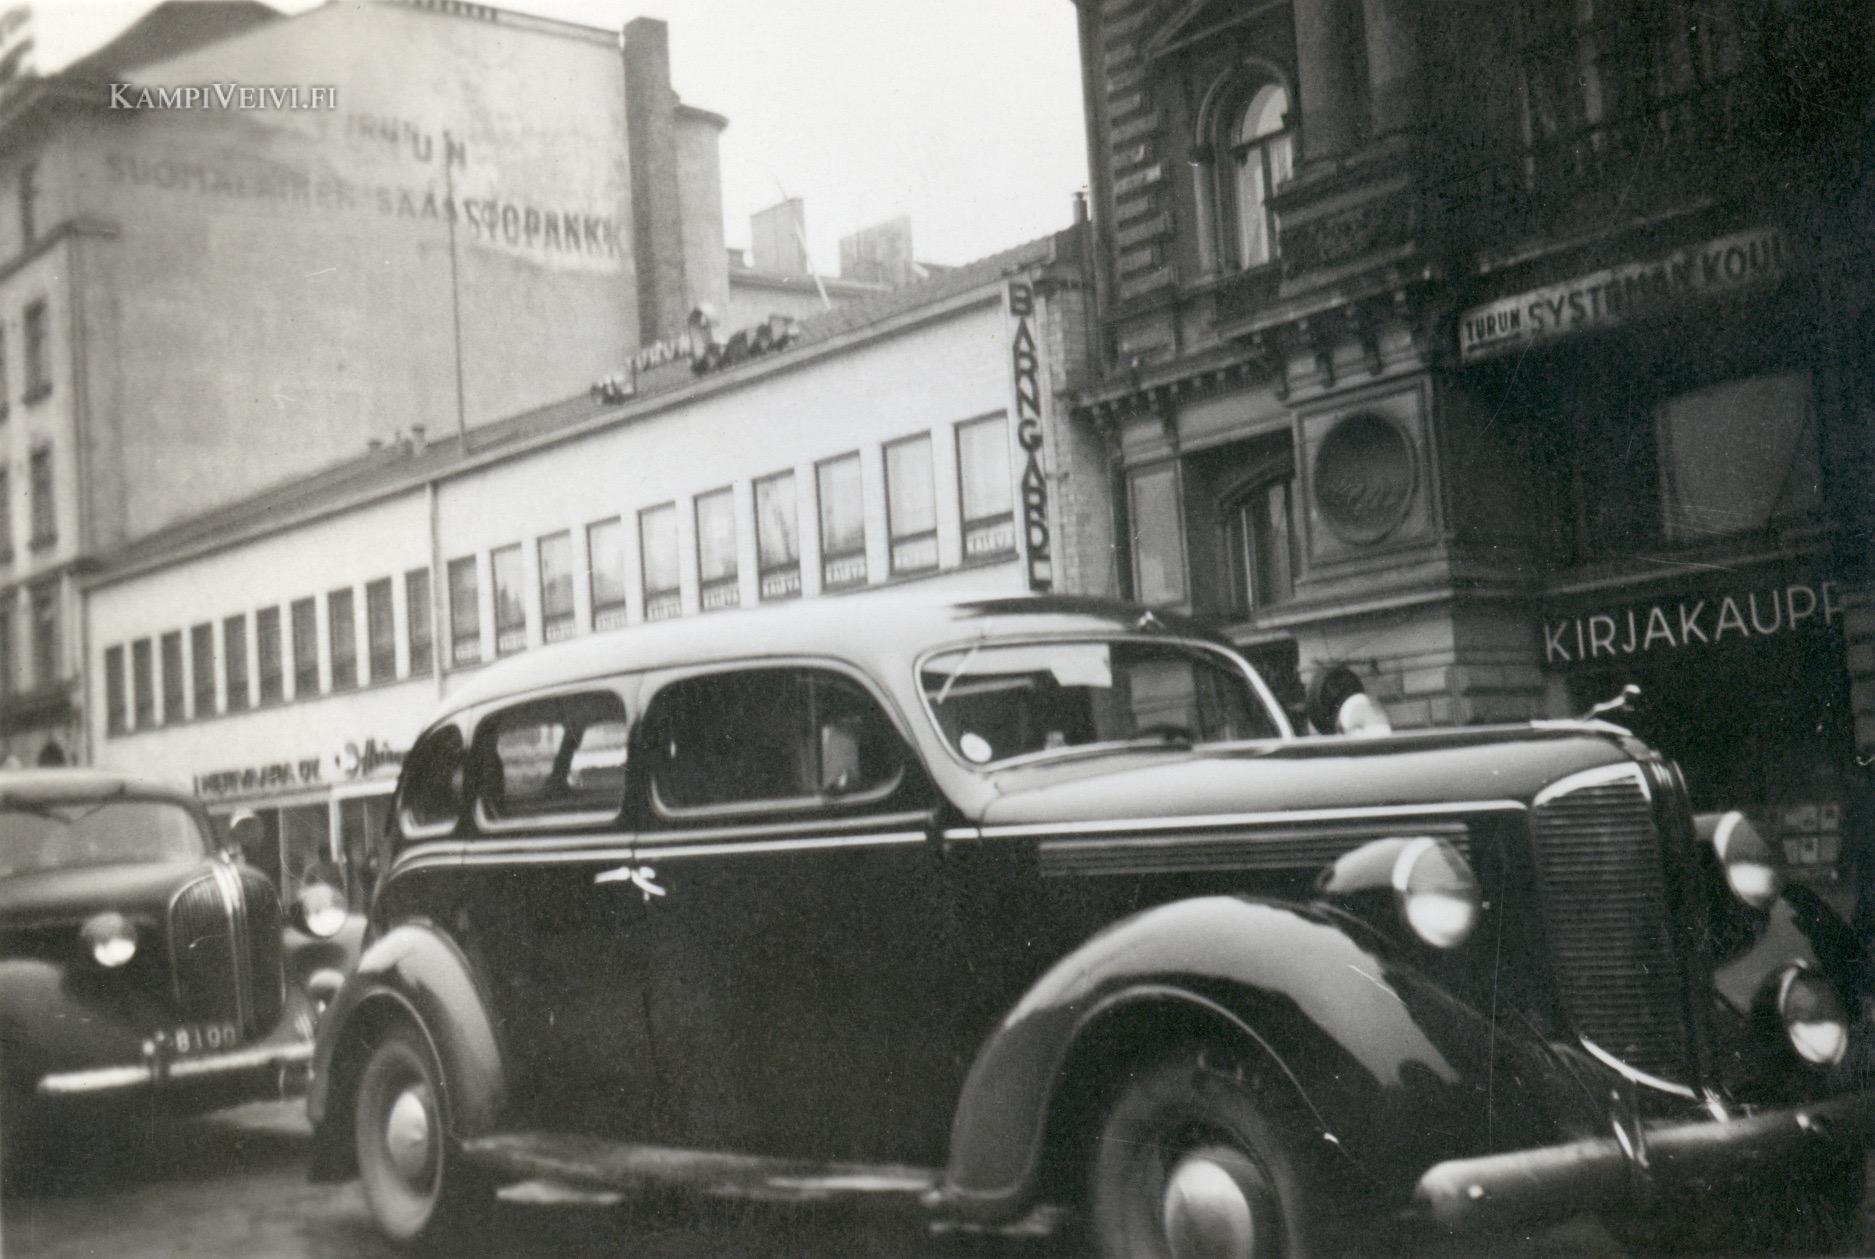 1938 Dodge Limousine kuvattu 1948 kauppiaskadulla